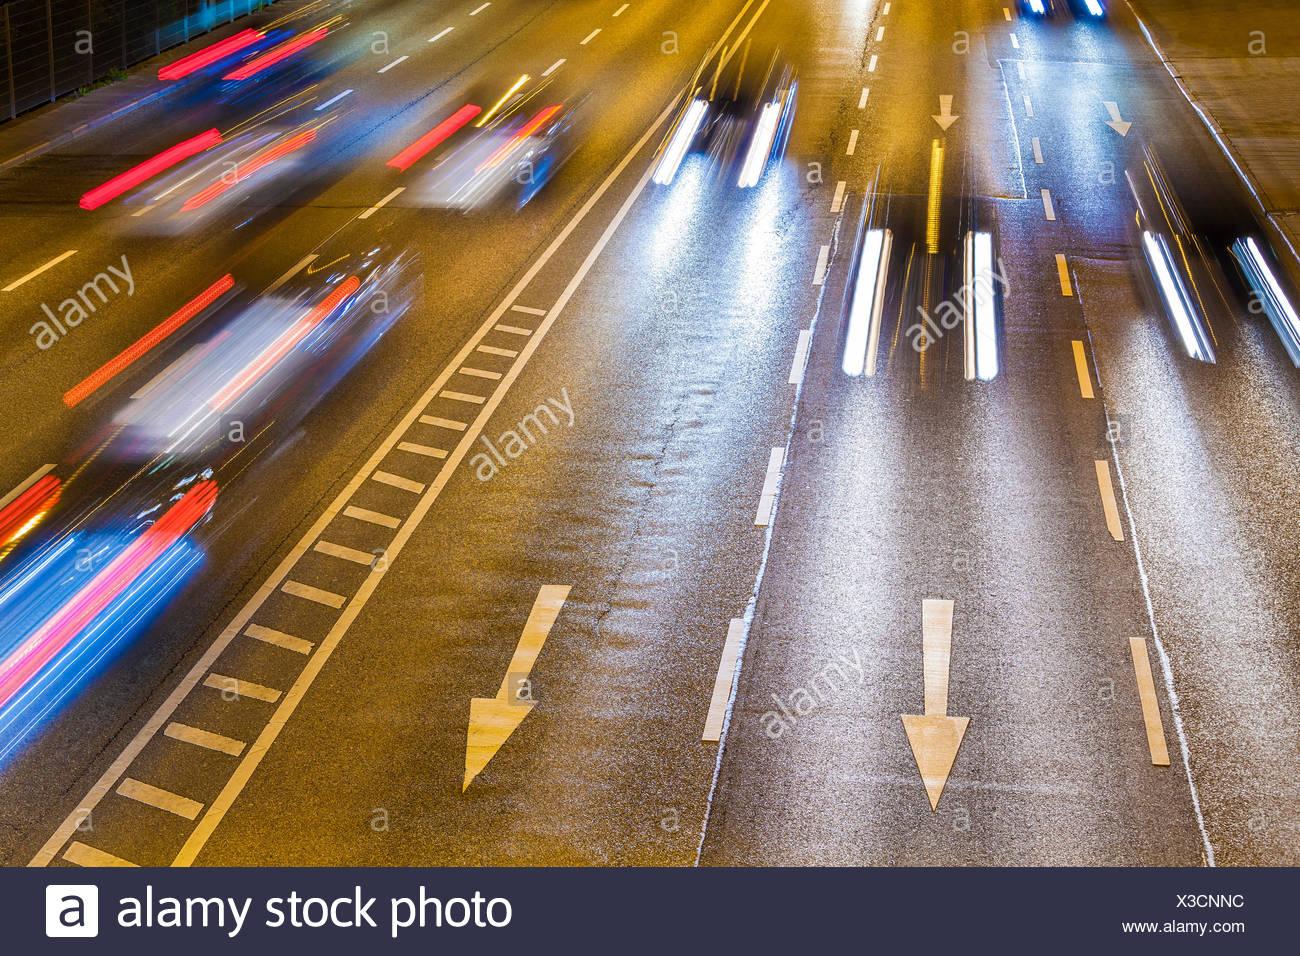 Deutschland, Baden-Württemberg, Stuttgart, B14, Bundesstraße, Autos, Pfeile, Lichtspur, Verkehr, Straßenverkehr, Richtung, Lichter, Rücklichter - Stock Image